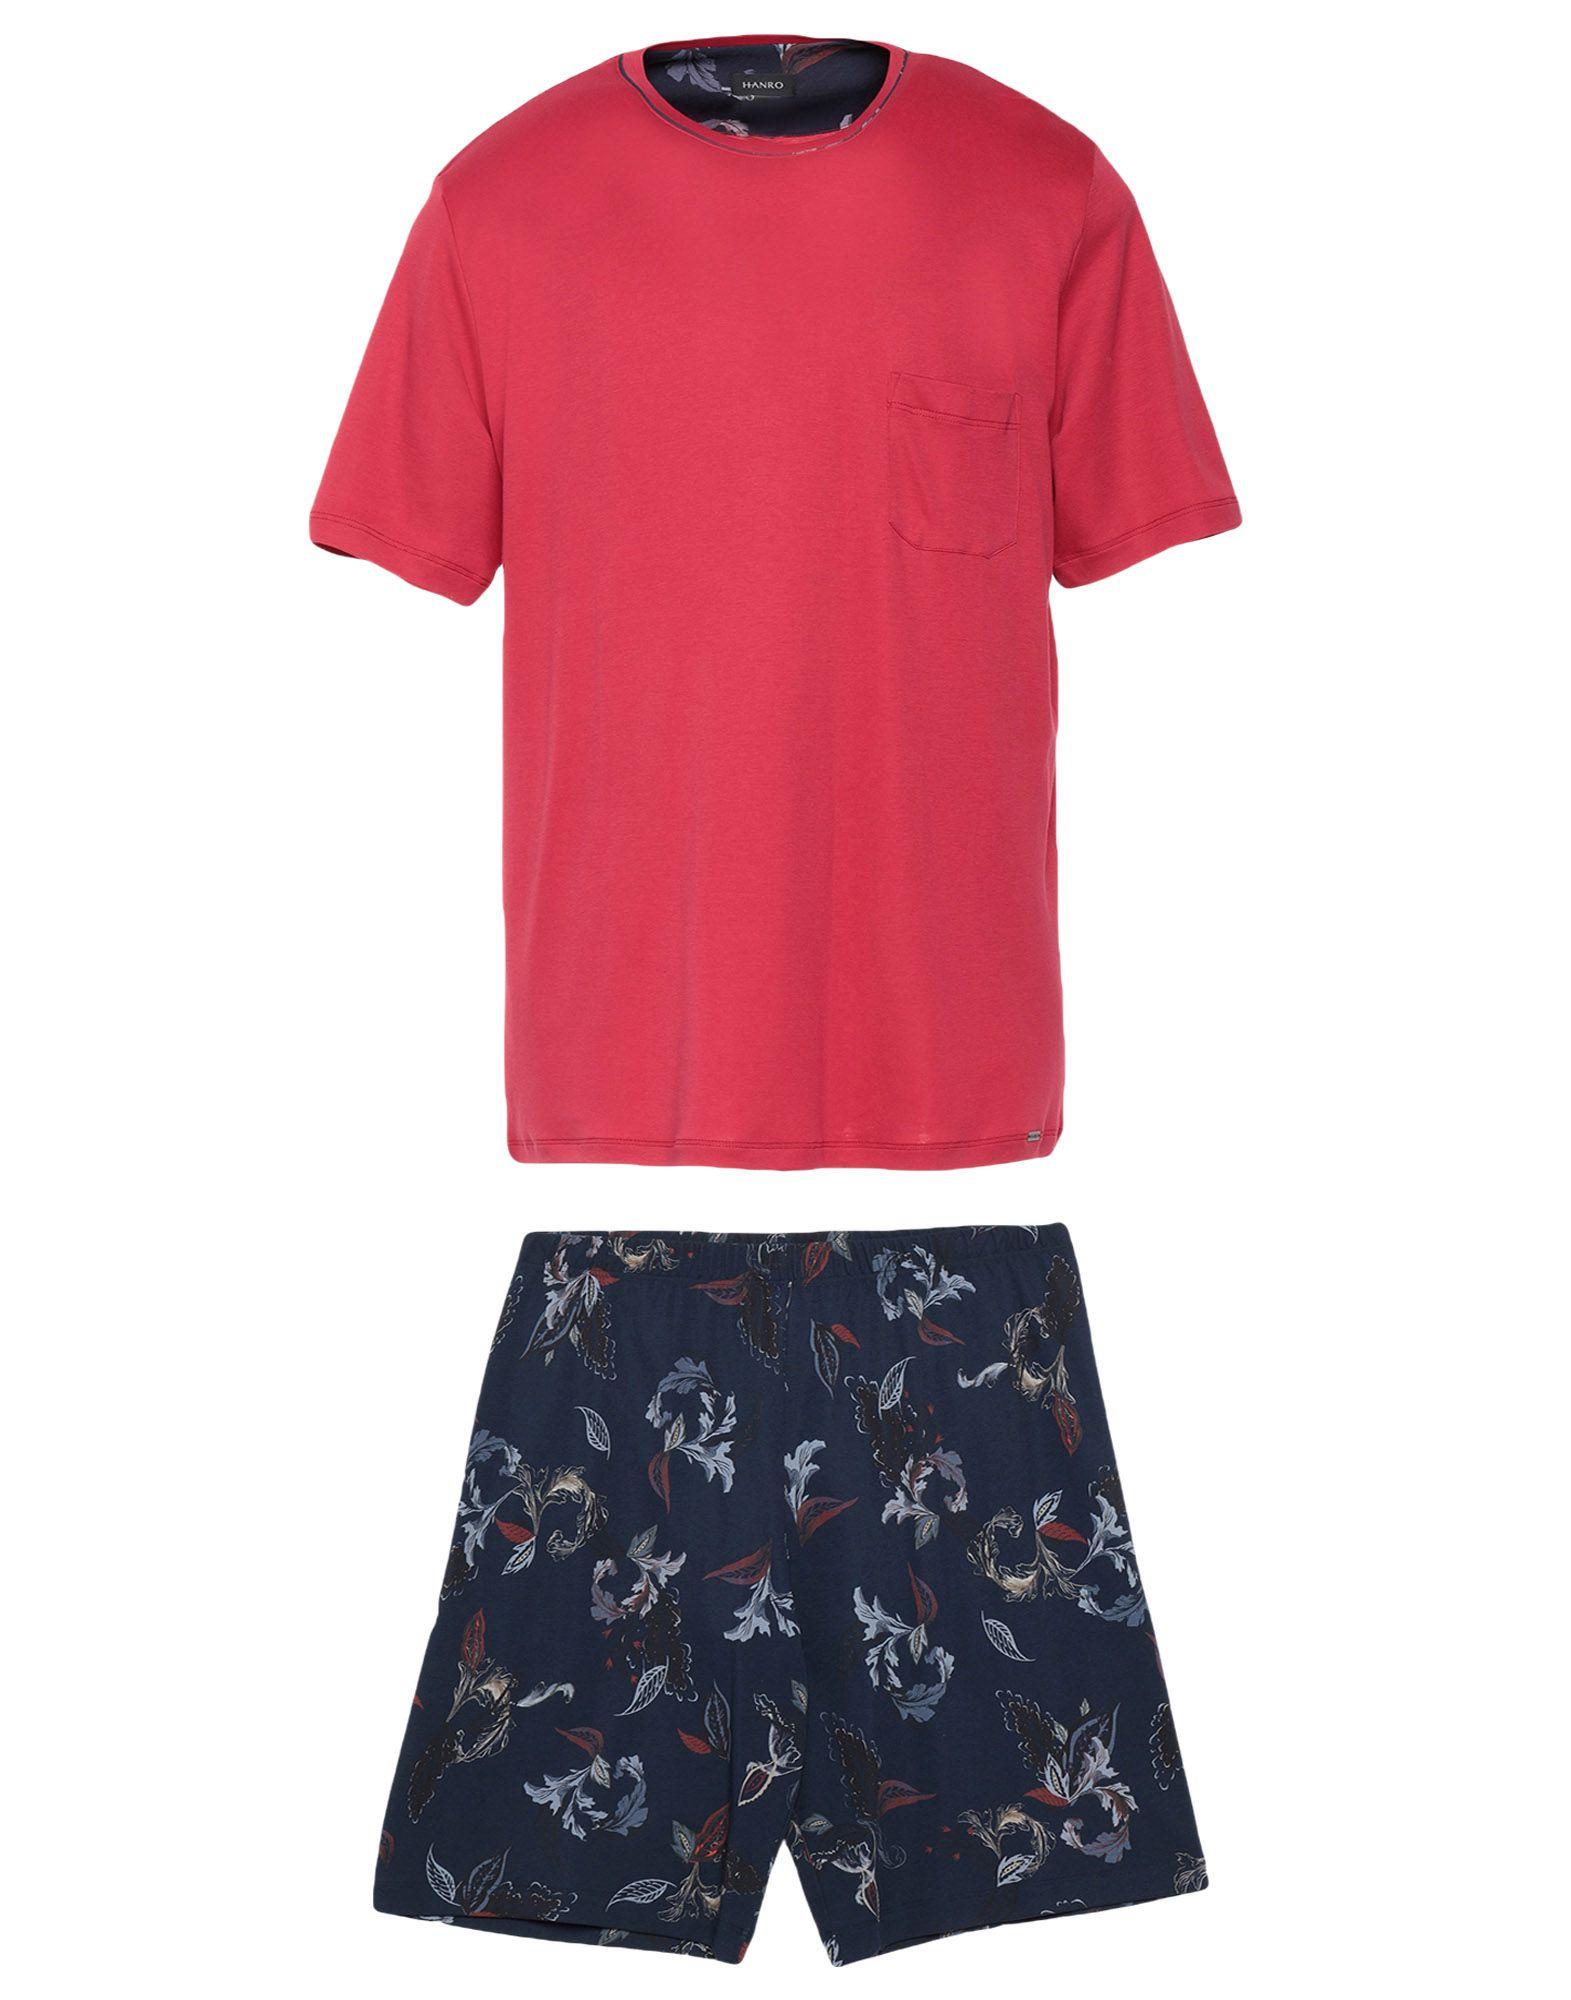 《期間限定セール中》HANRO メンズ パジャマ レッド S コットン 100%